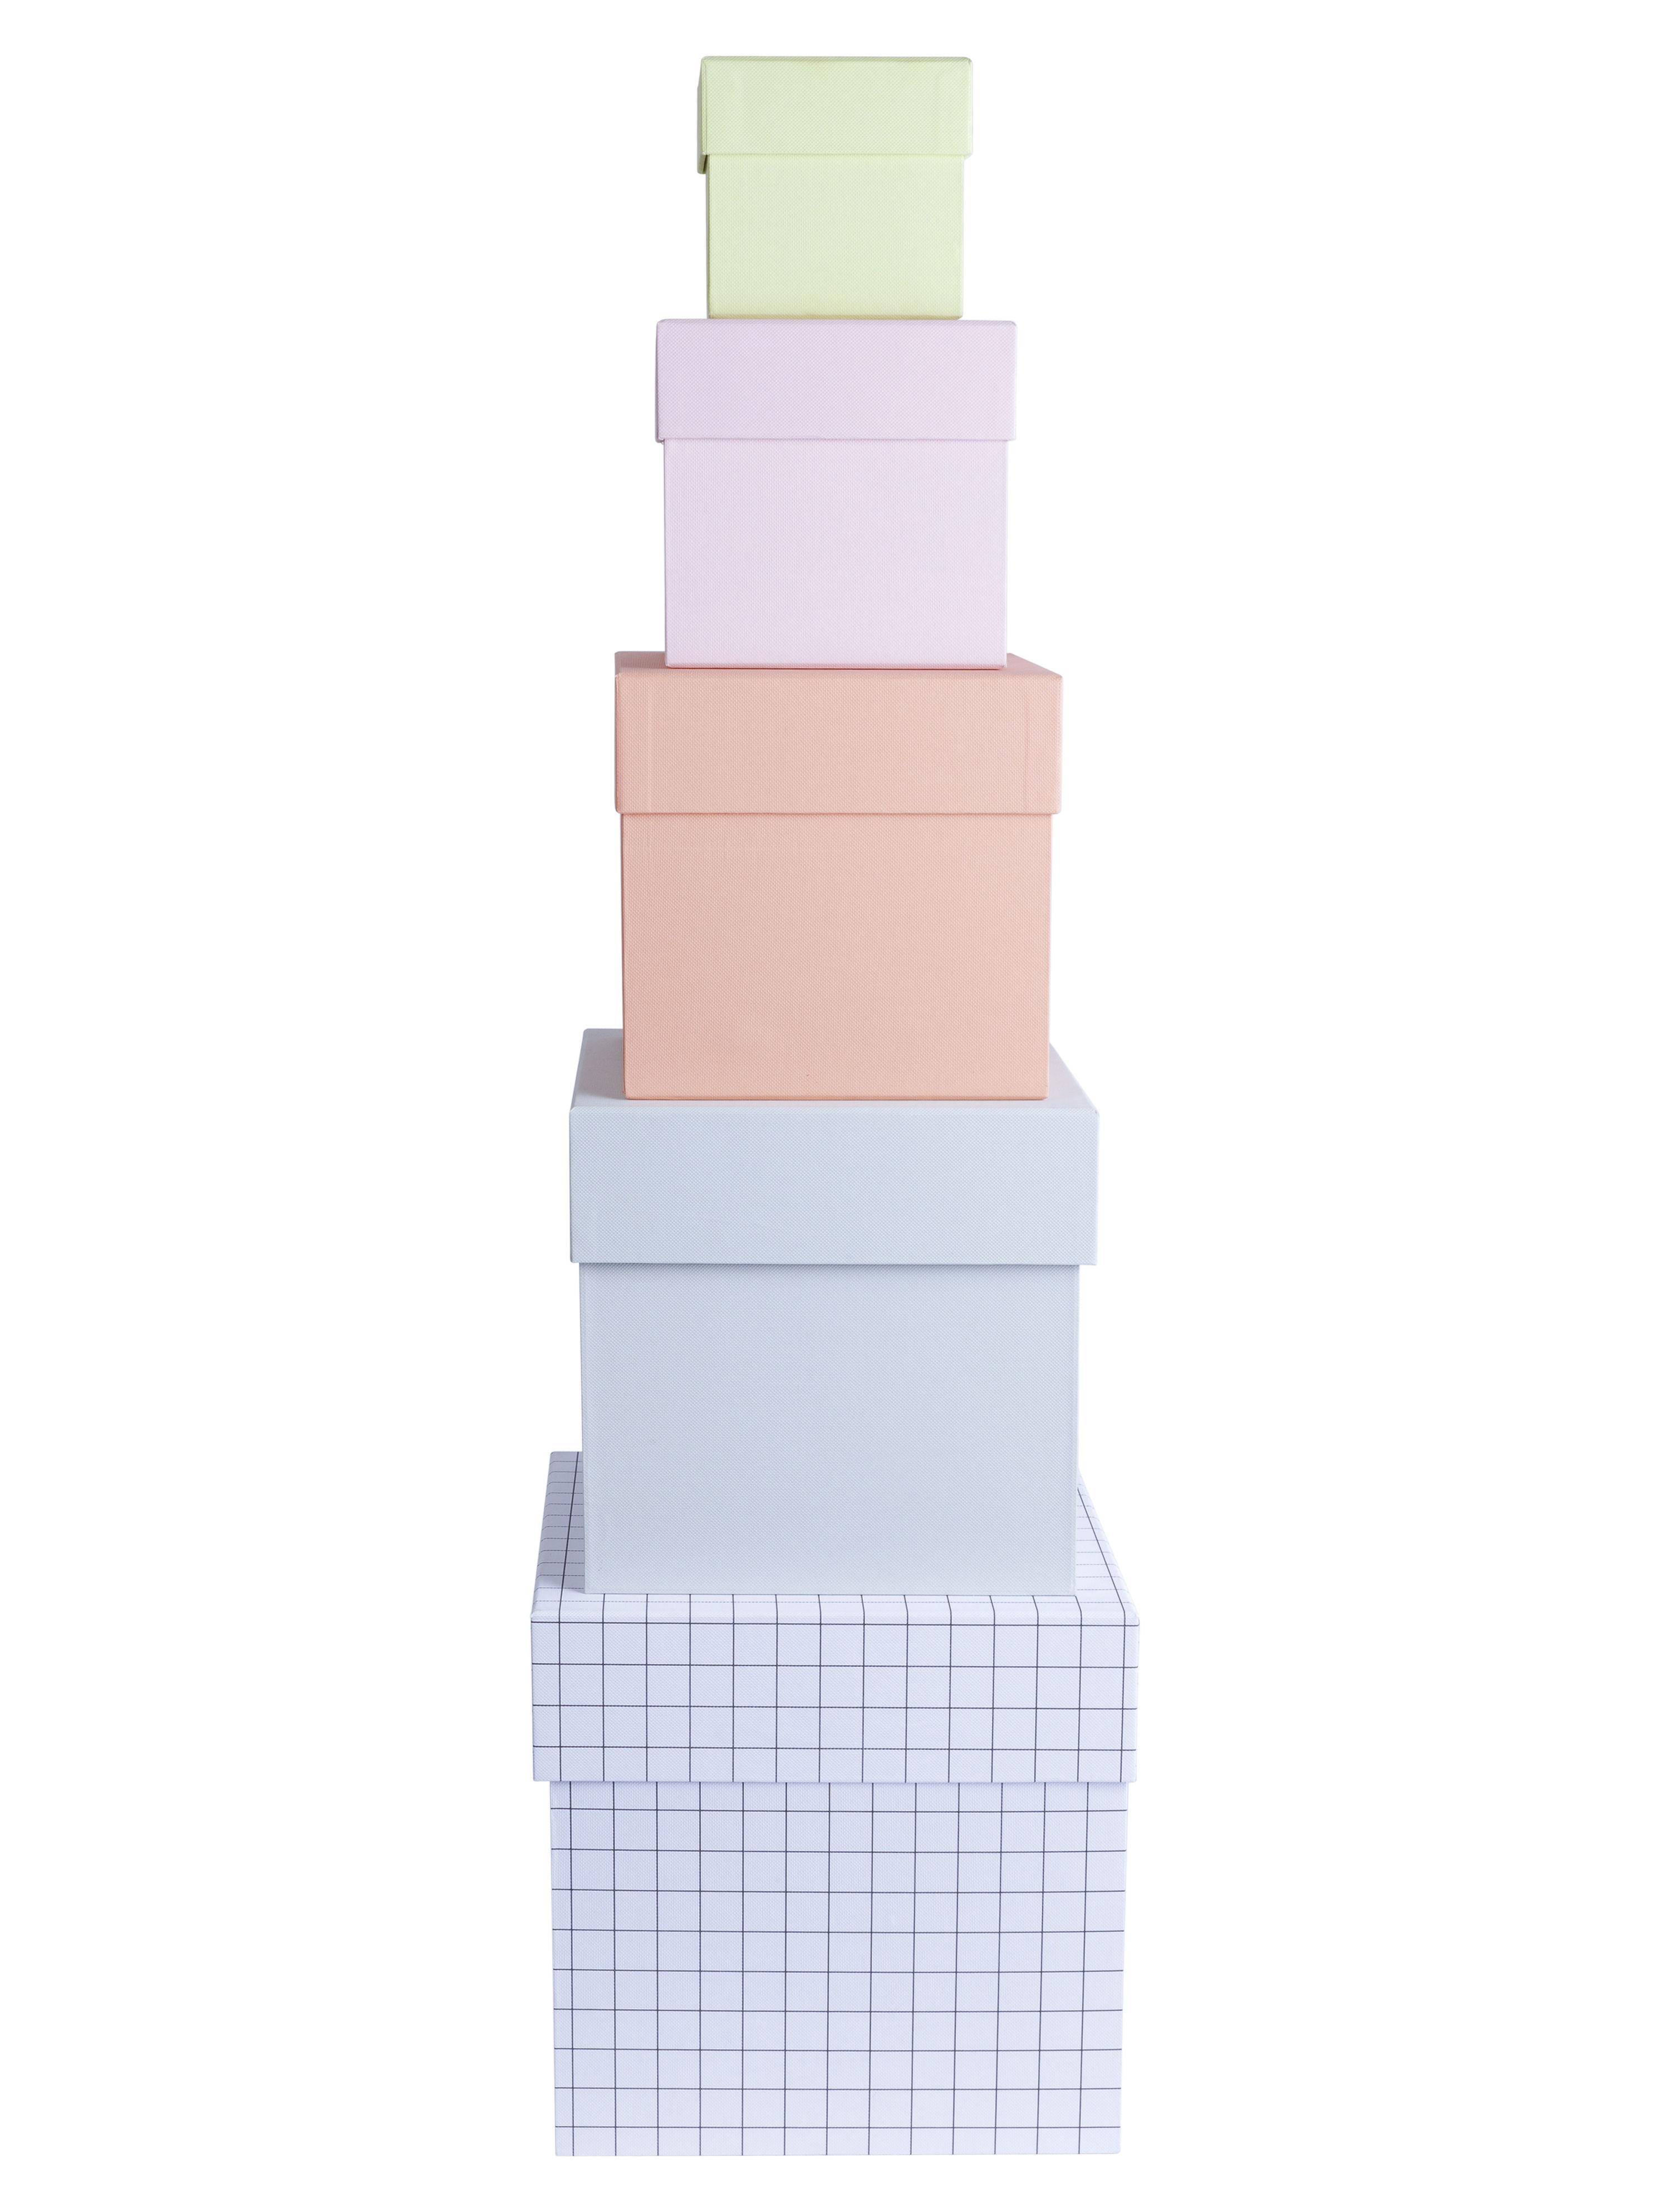 Accessoires - Accessoires bureau - Boîte Box Box / Set de 5 - Hay - Multicolore / Pêche & quadrillé - Carton